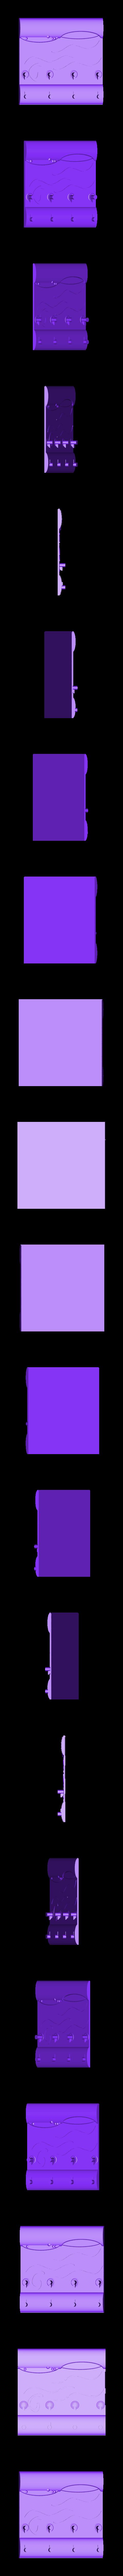 wharf_strt_01.stl Télécharger fichier STL gratuit Eau modulaire • Objet pour imprimante 3D, Earsling